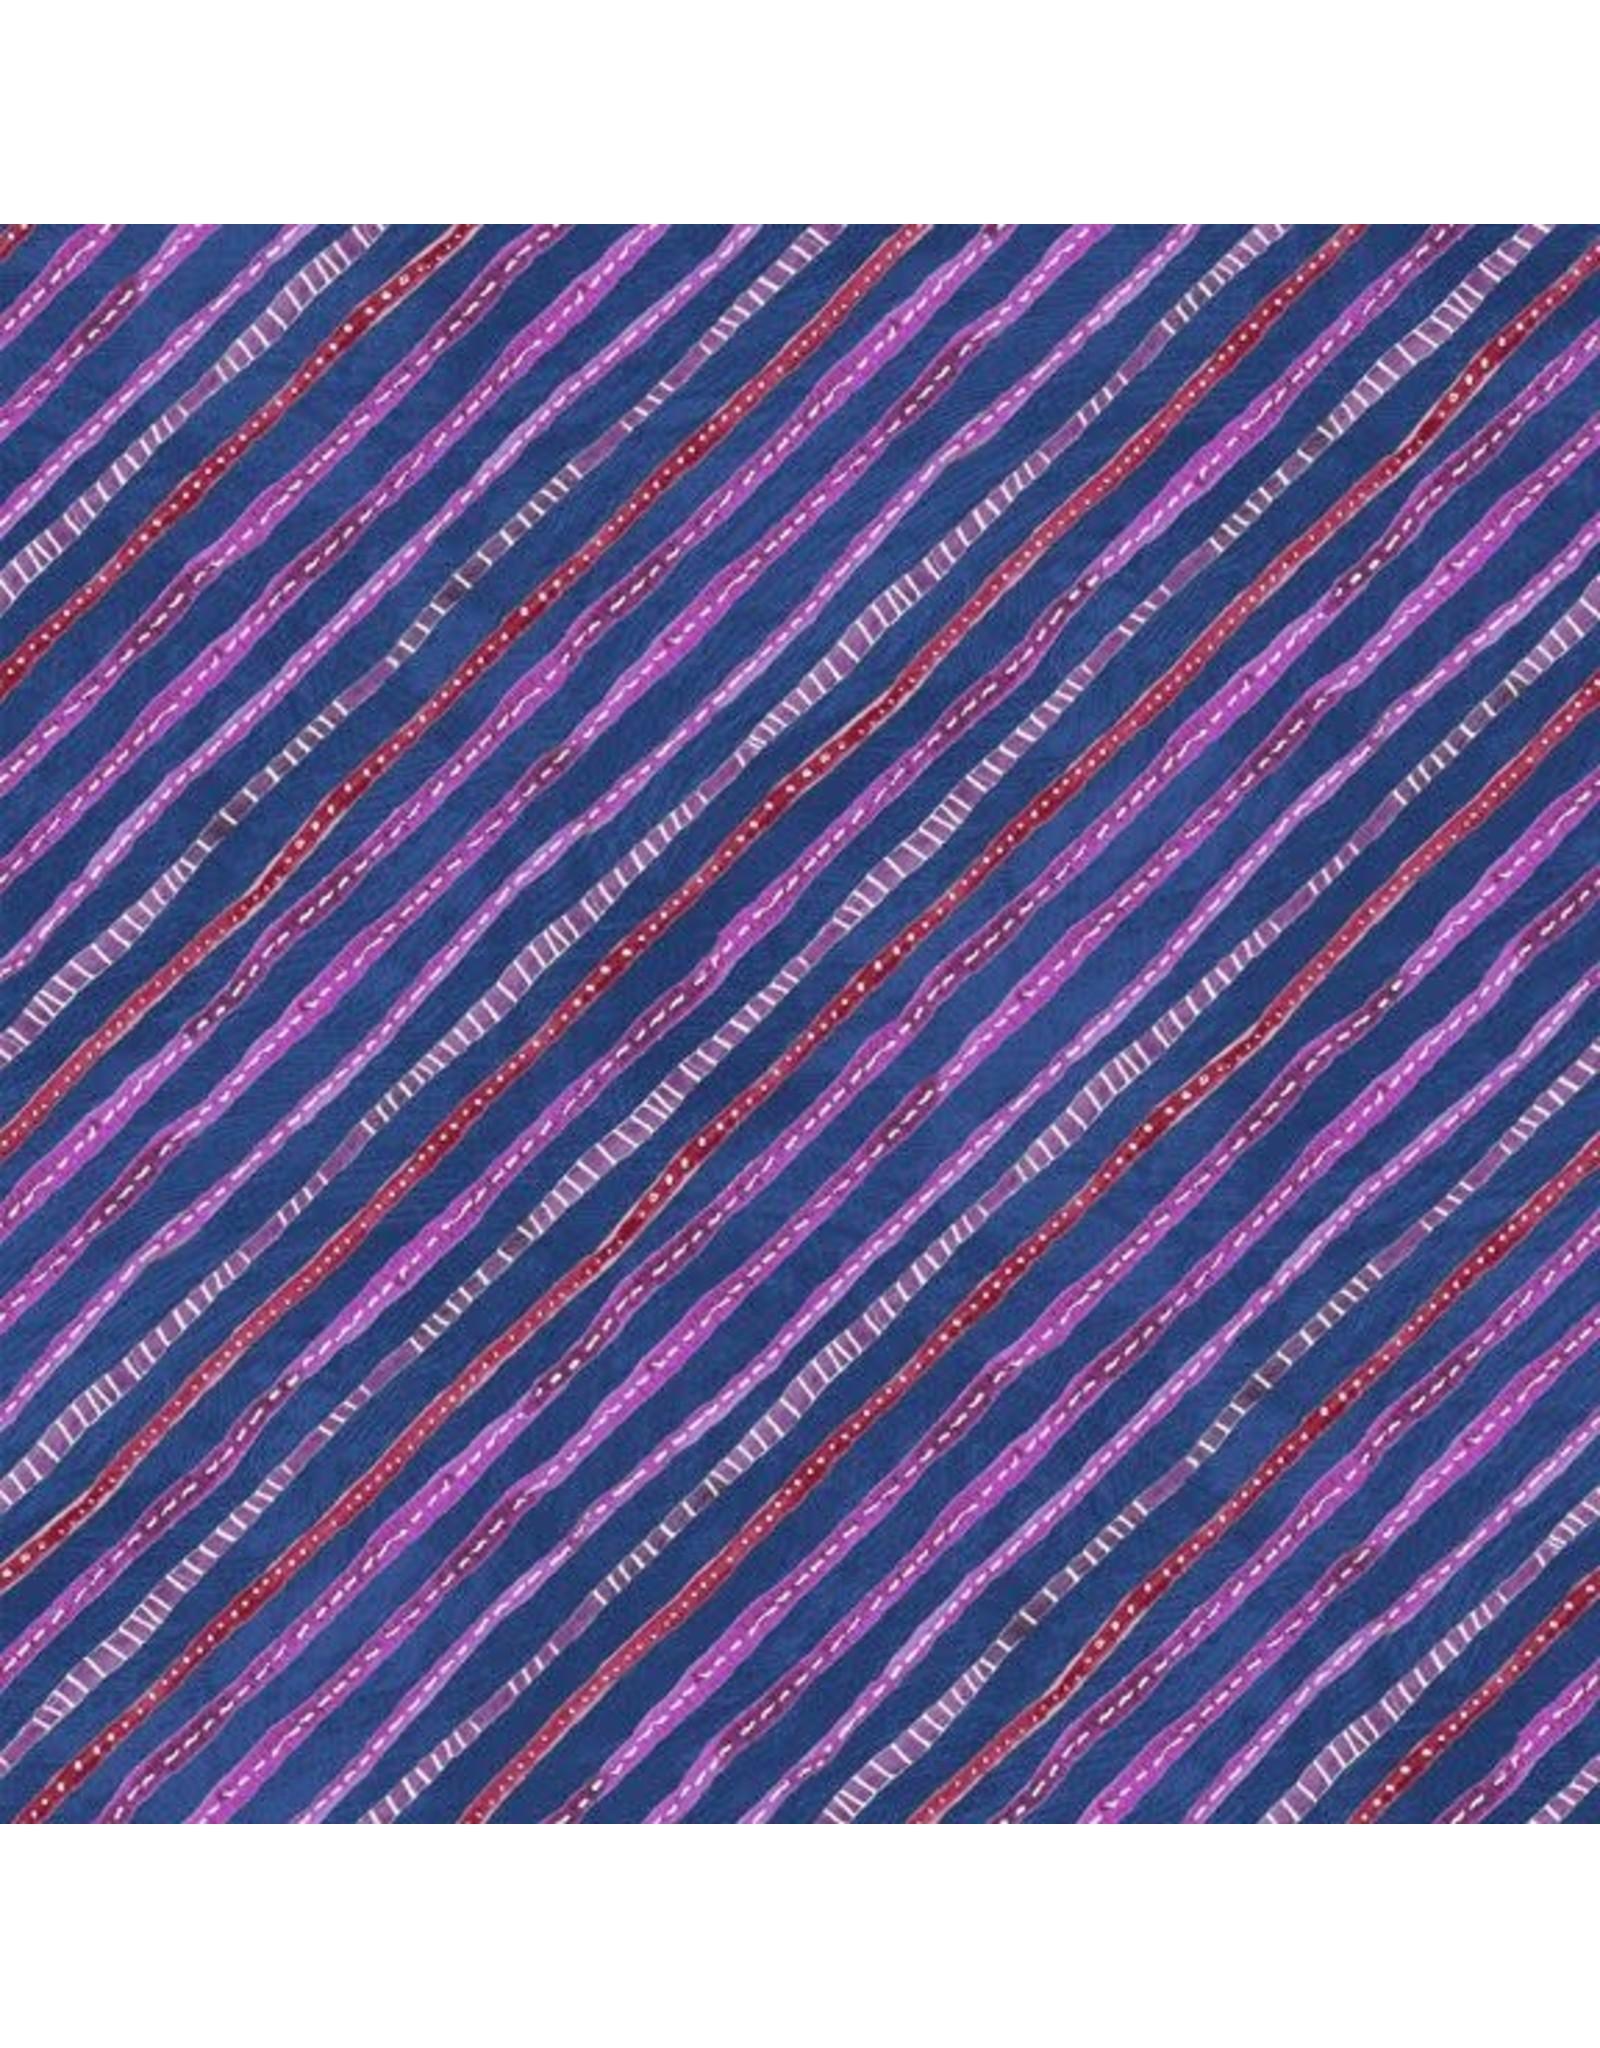 Wilmington Floral Flight - Ticking Stripe Dark Blue